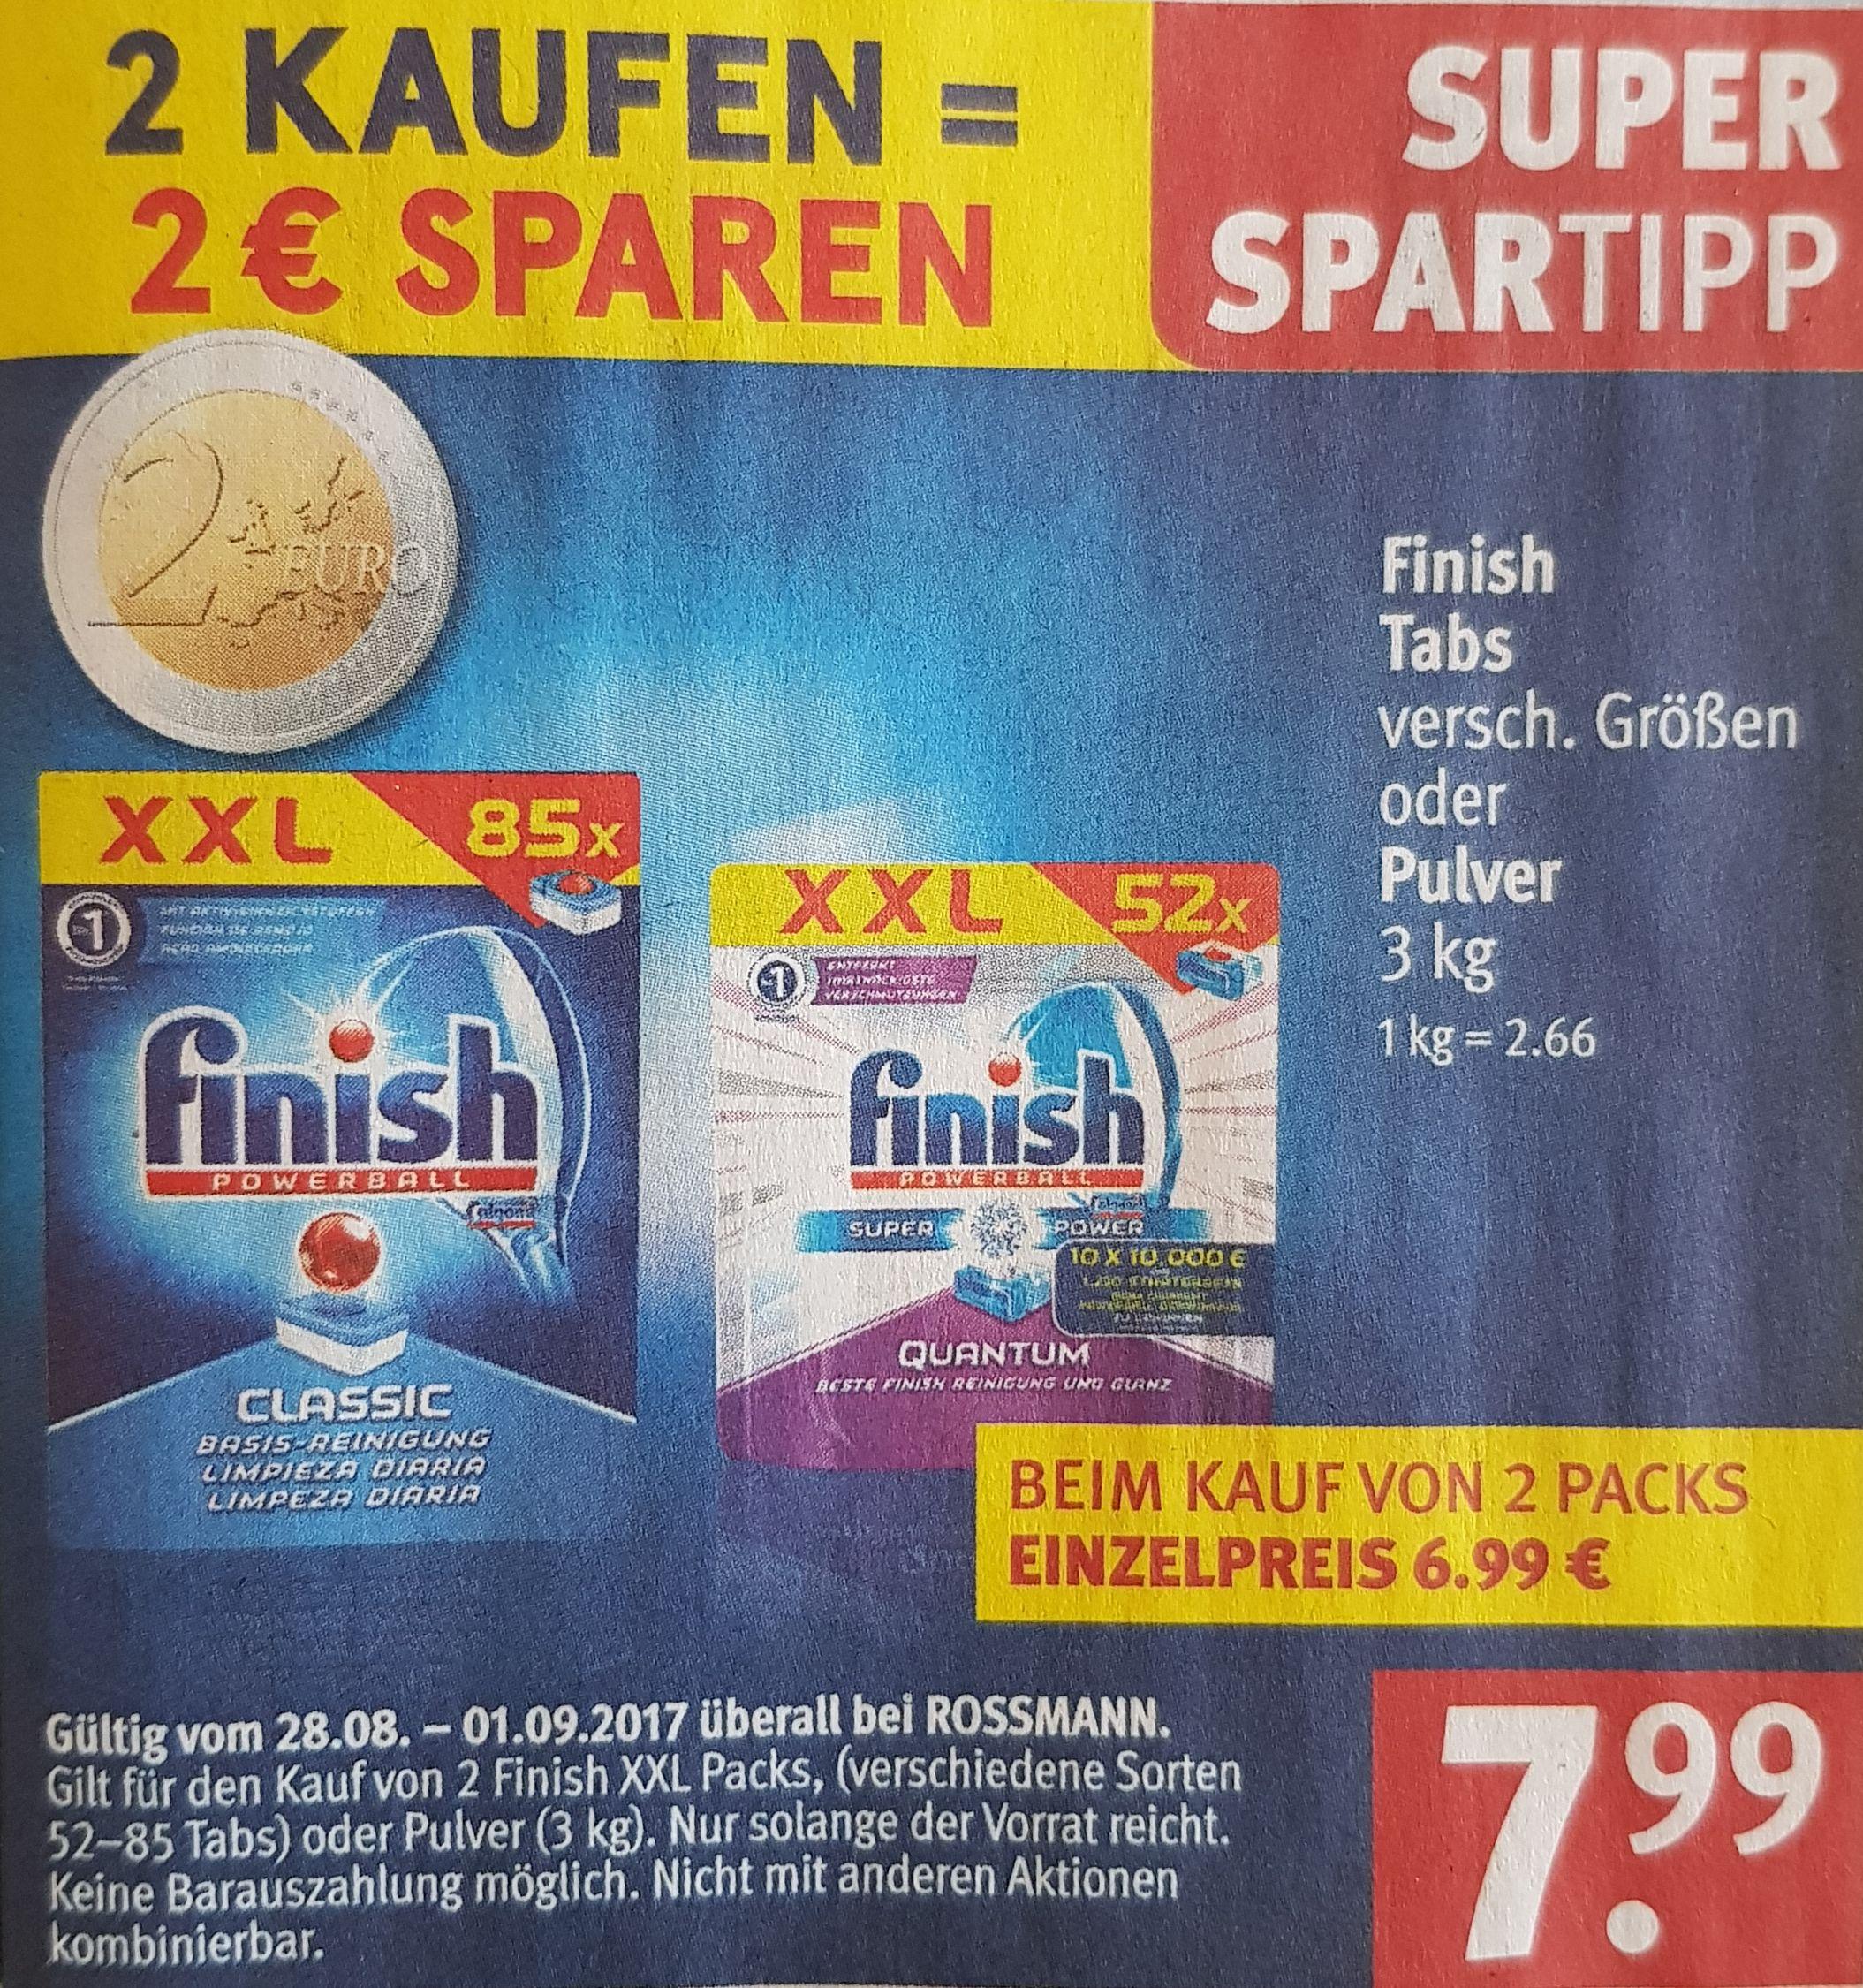 [Rossmann]2x Finish XXL Packs(170 St.) für 12,58€ (7,4 Cent/Stück)